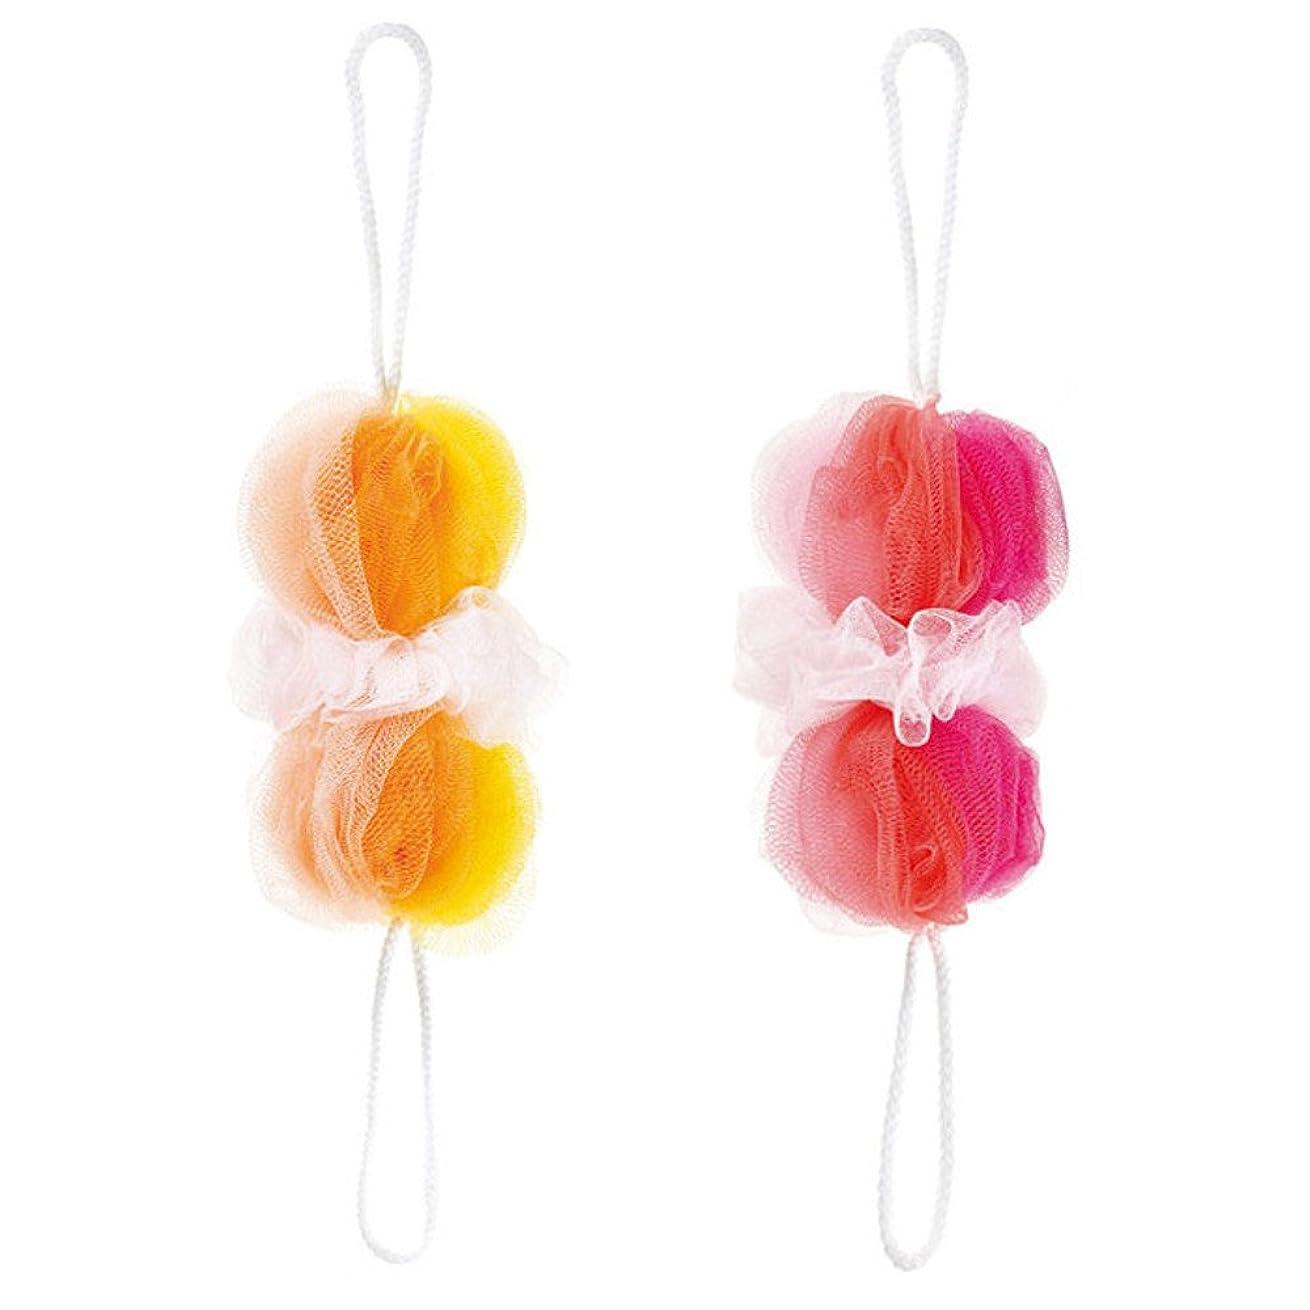 修羅場行き当たりばったりピルマーナ 背中も洗えるシャボンボール ミックス 2色セット(P&Y)